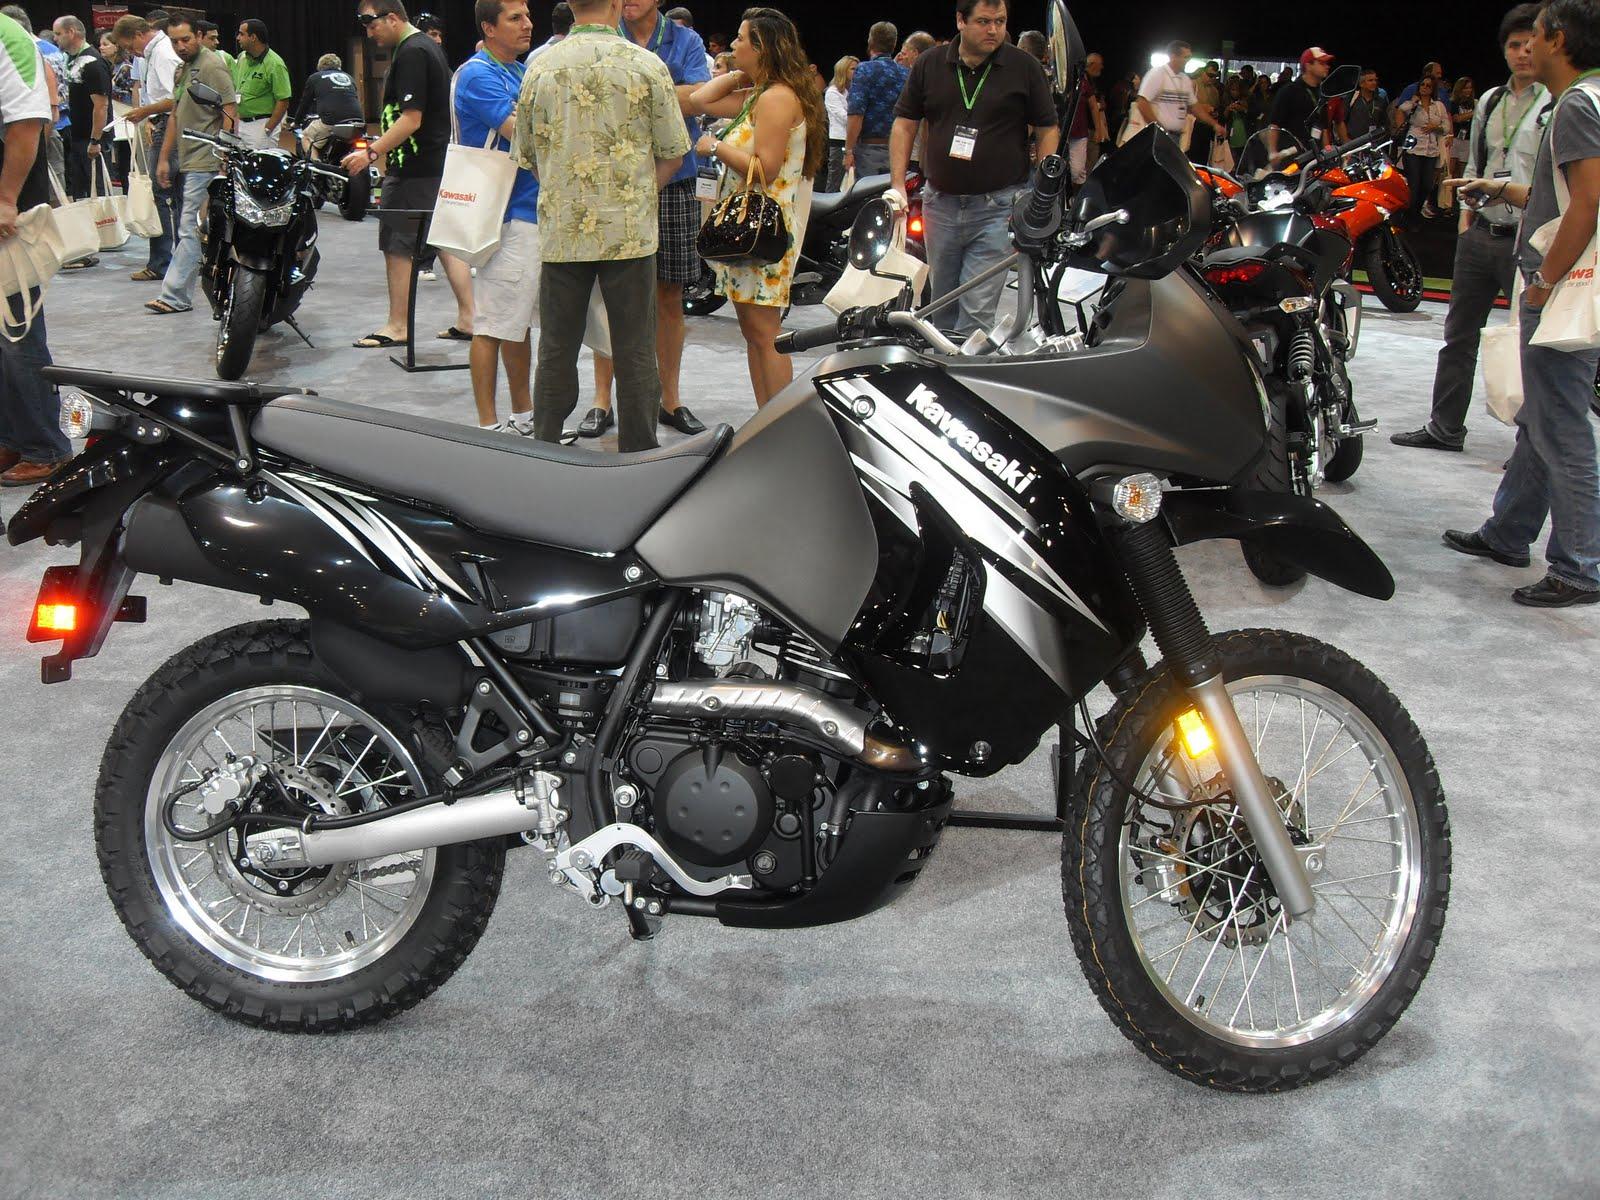 Centro Mondial Kawasaki: FOTOS EXCLUSIVAS KAWASAKI ZX 6R 2011